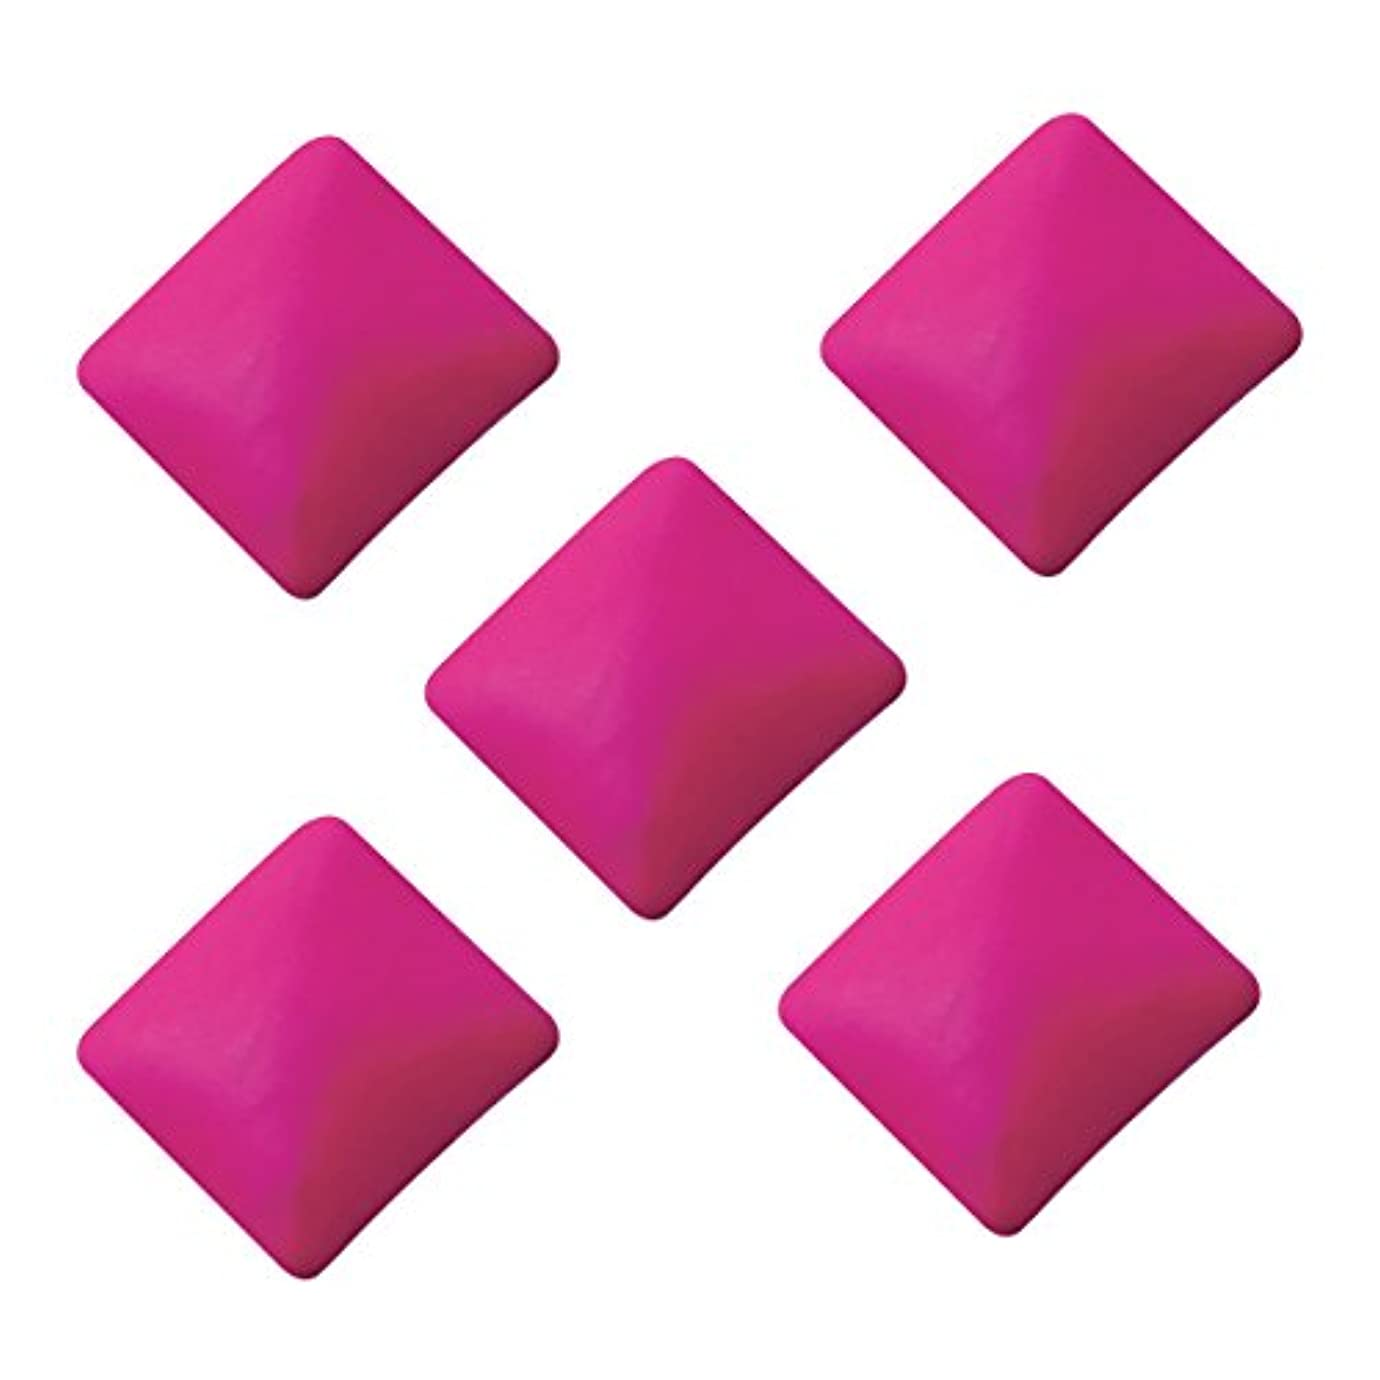 処理道徳の自己尊重ネオンスタッズ スクエア 3×3mm(100個入り) ピンク